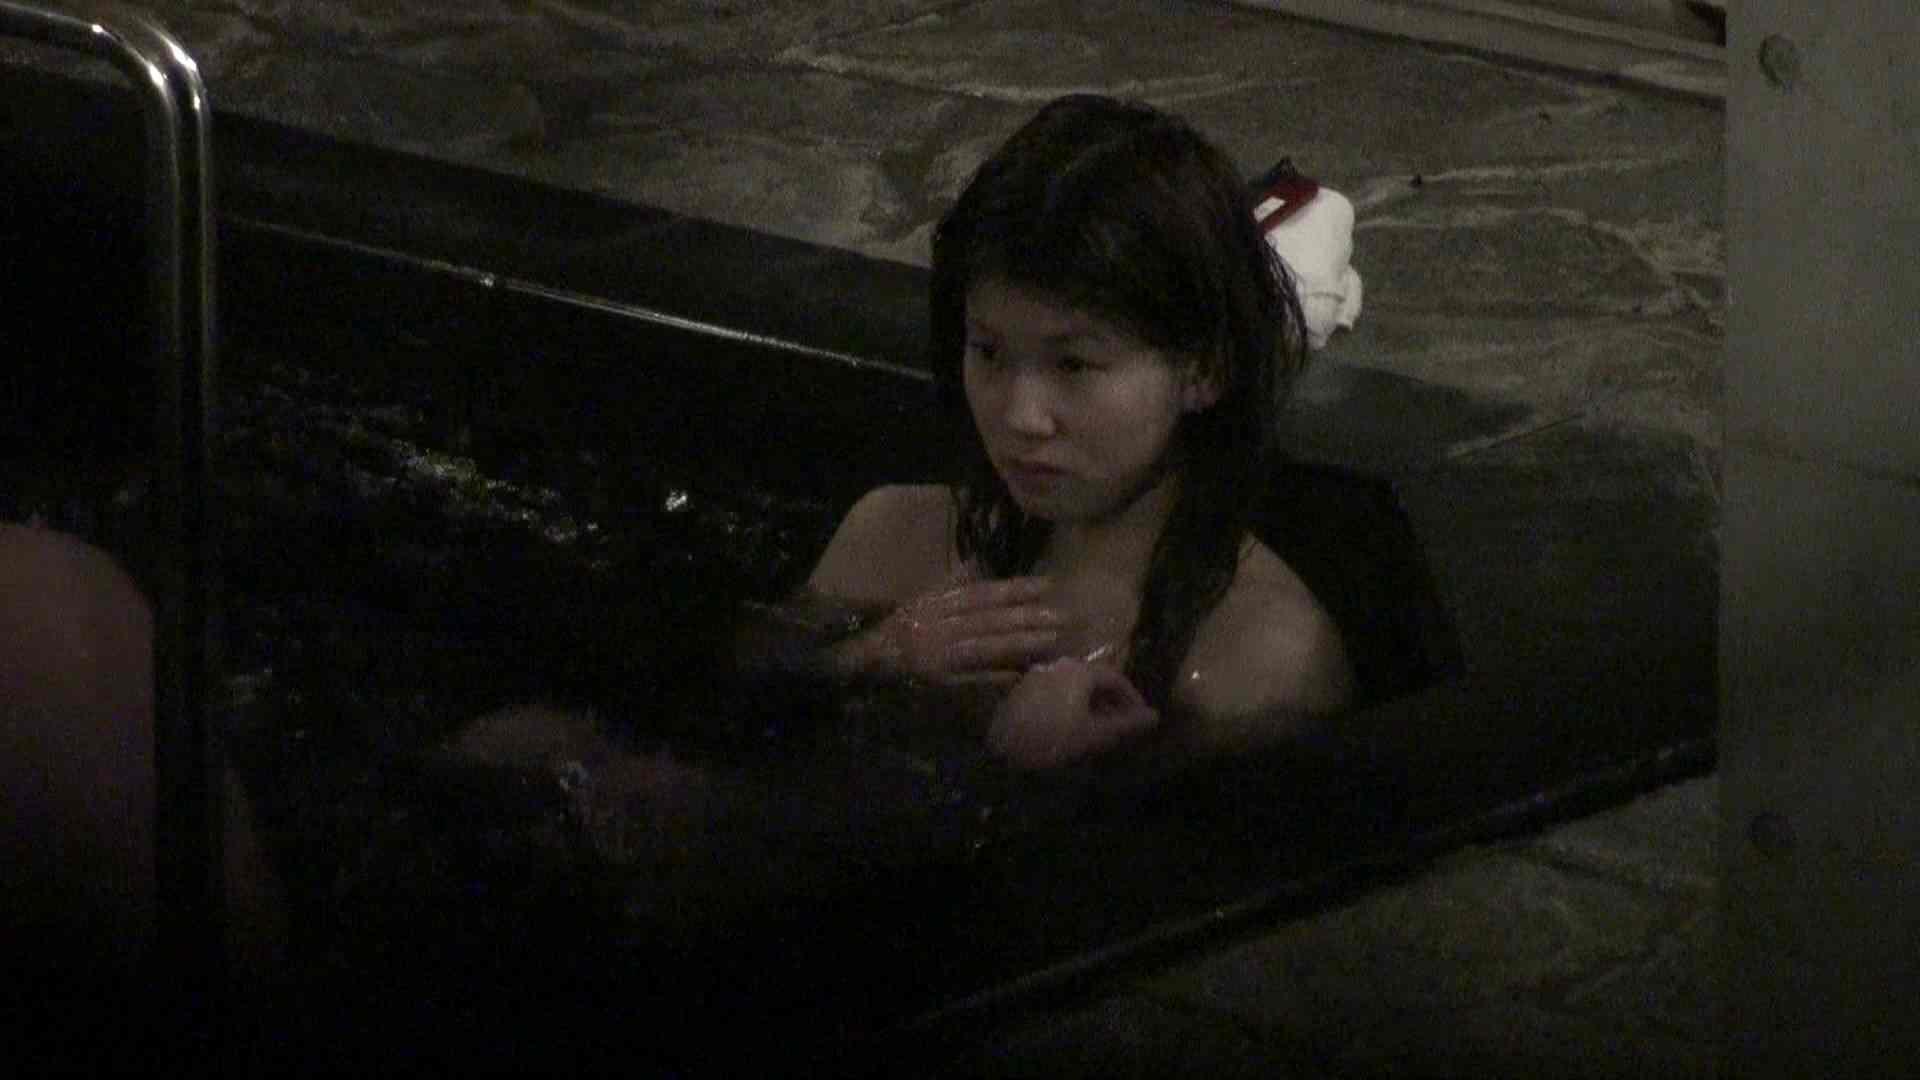 Aquaな露天風呂Vol.371 盗撮 | 綺麗なOLたち  94枚 76